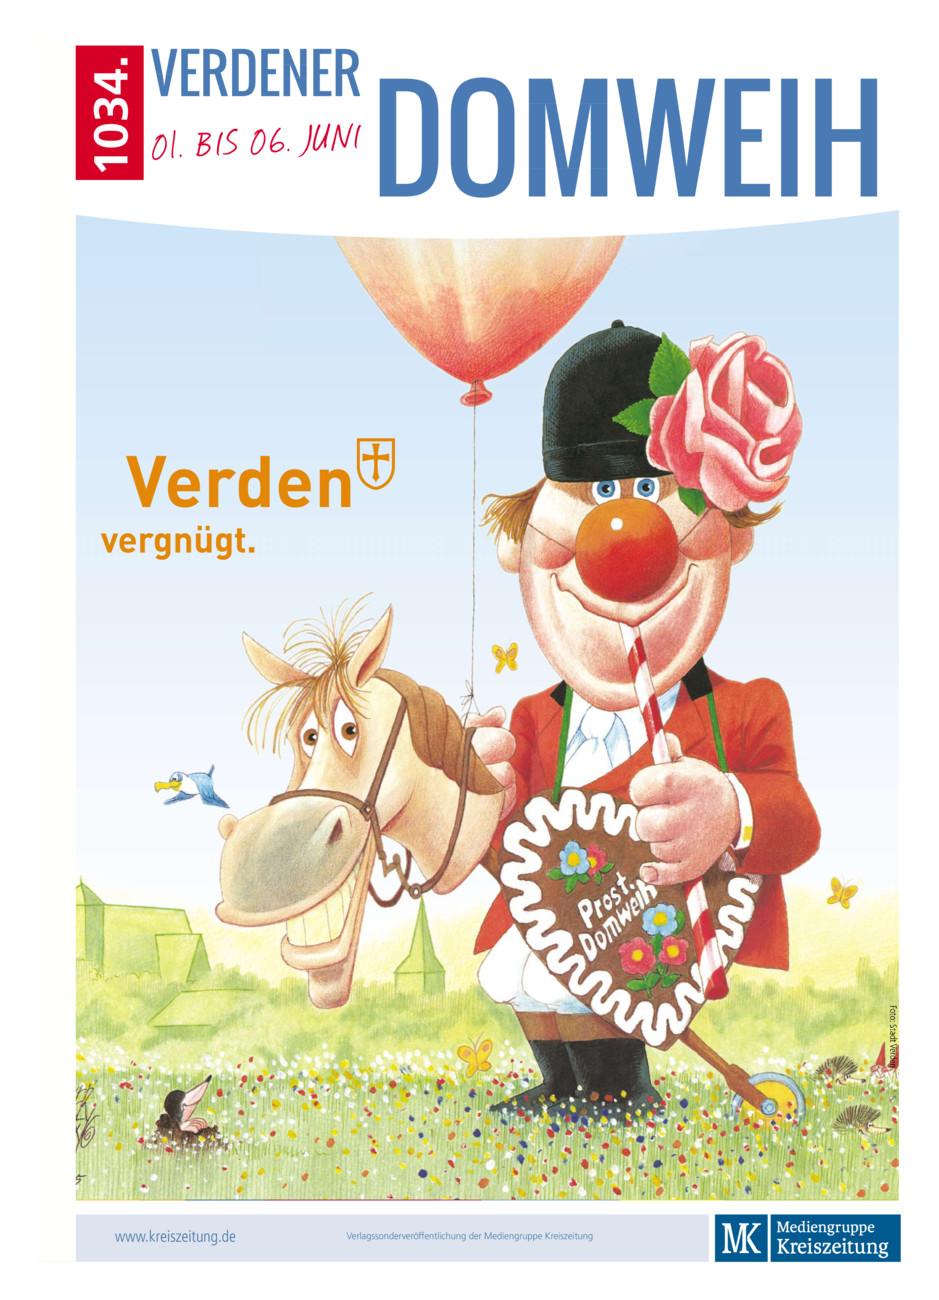 Verdener Domweih 2019 vom Samstag, 01.06.2019